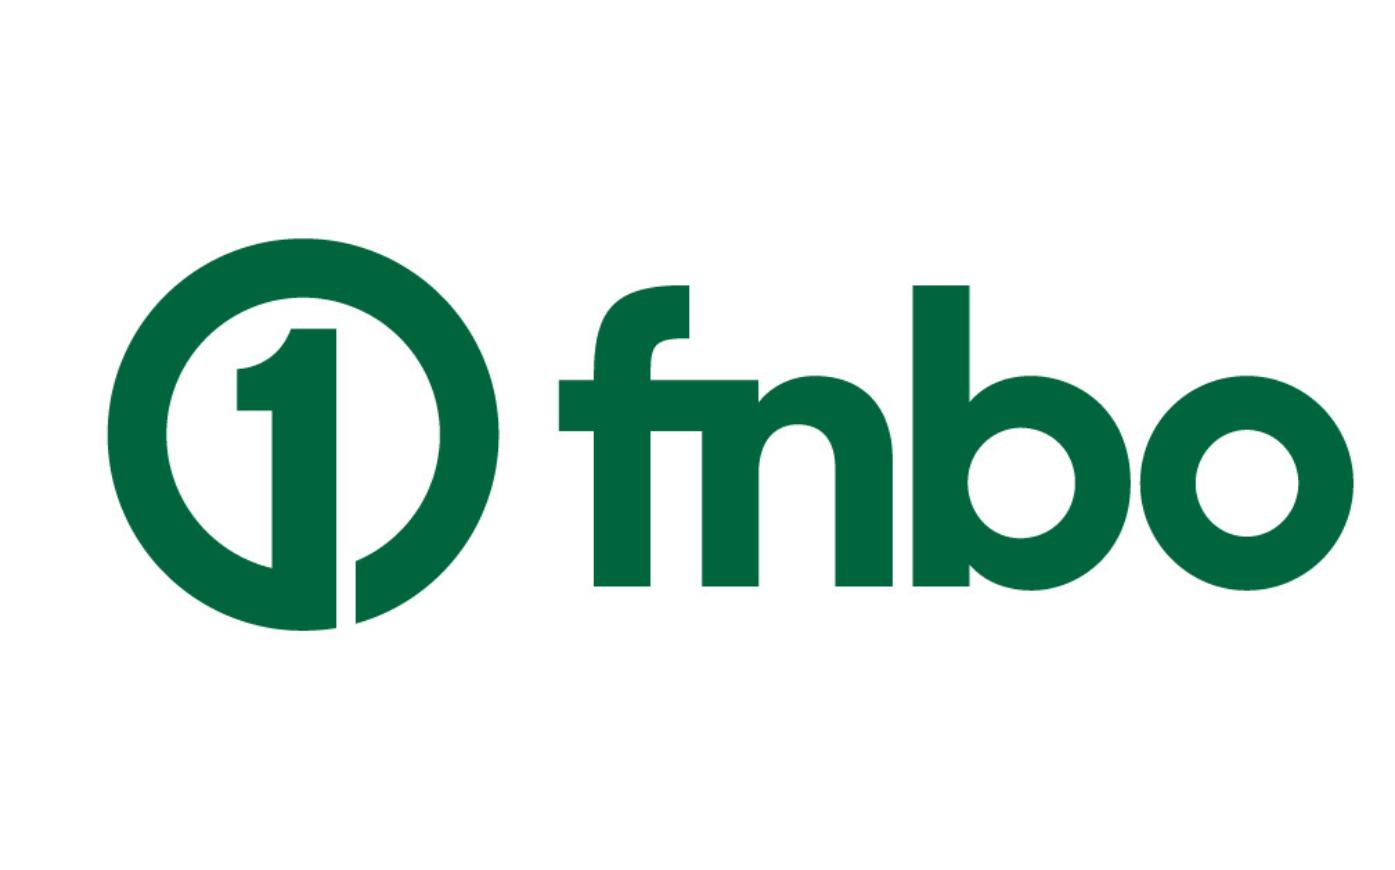 First National Bank Slide Image